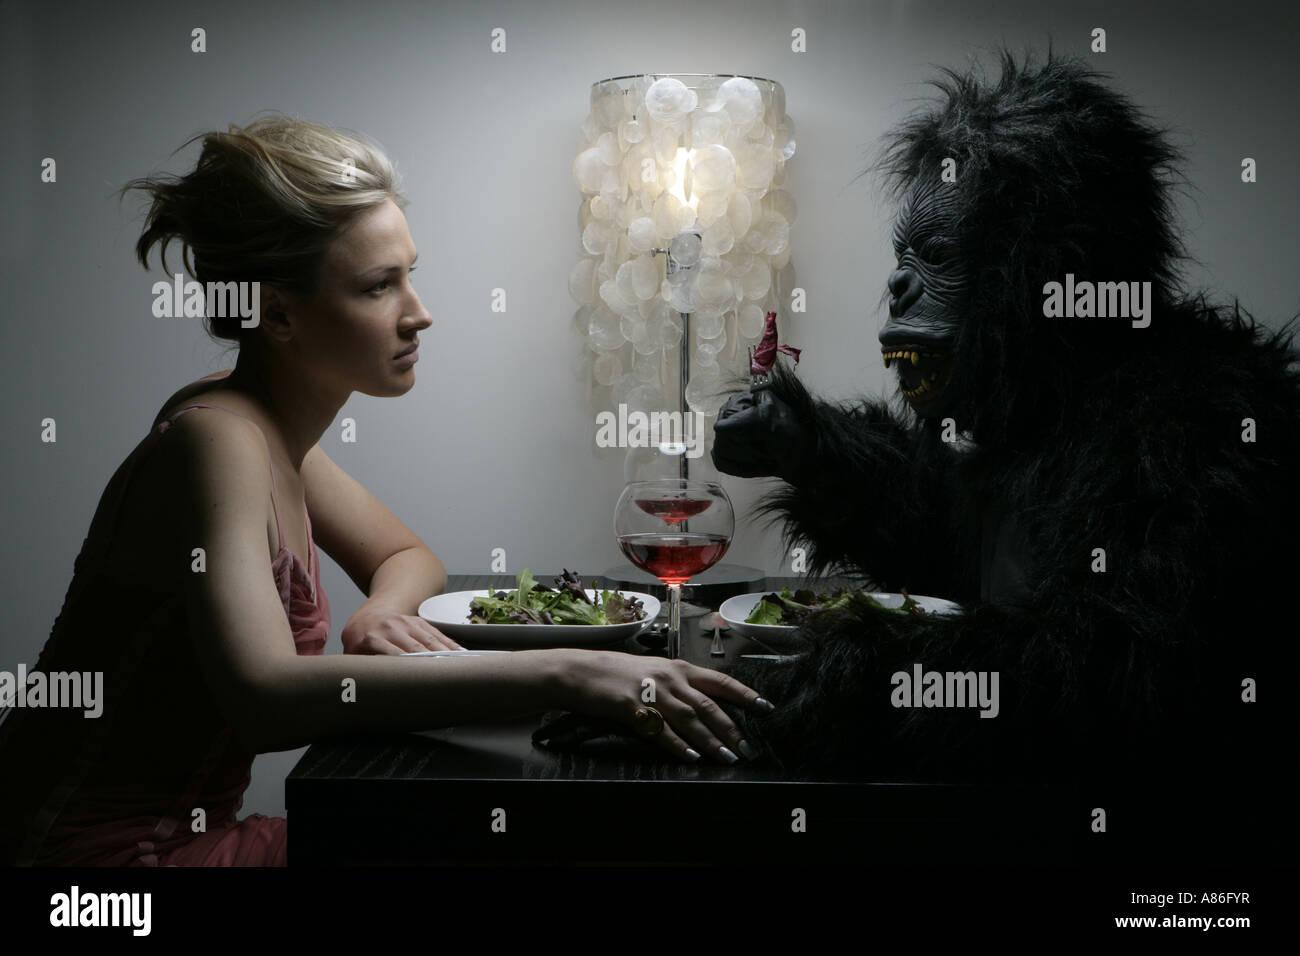 Una mujer es cenar con un hombre en un traje de gorila. Foto de stock